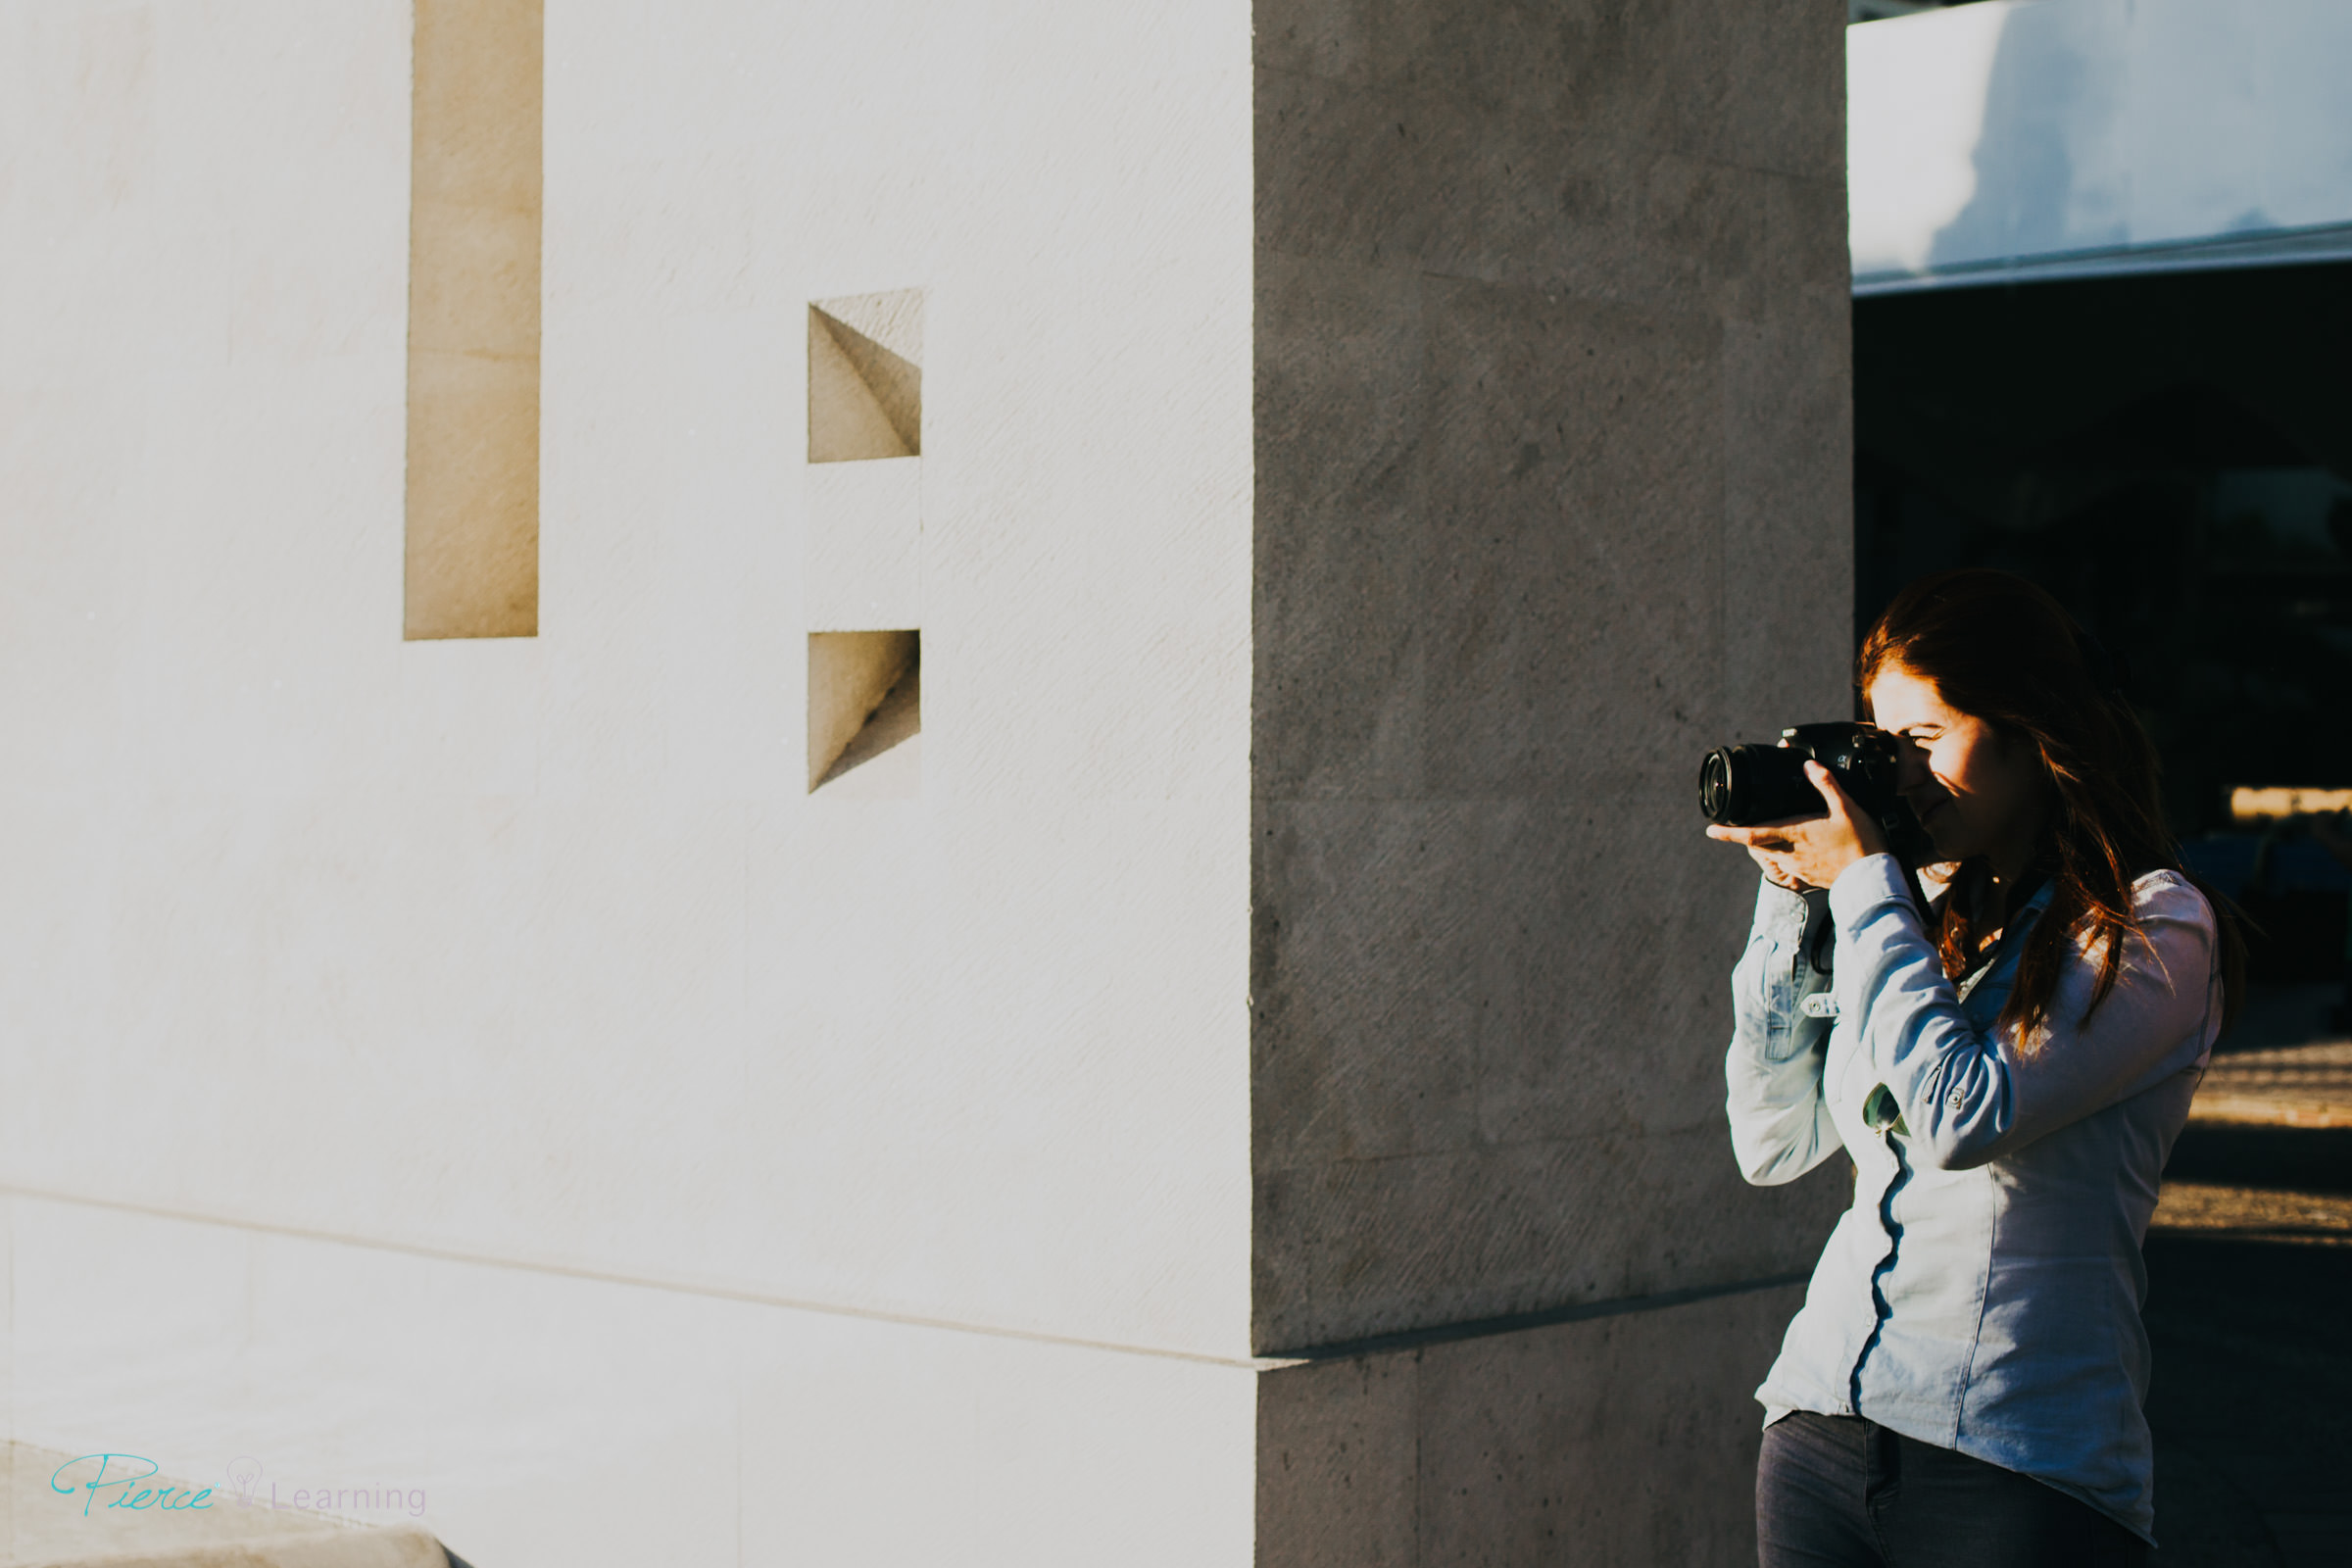 Workshop-Curso-Fotografia-Leon-Guanajuato-Mexico-Pierce-81.jpg